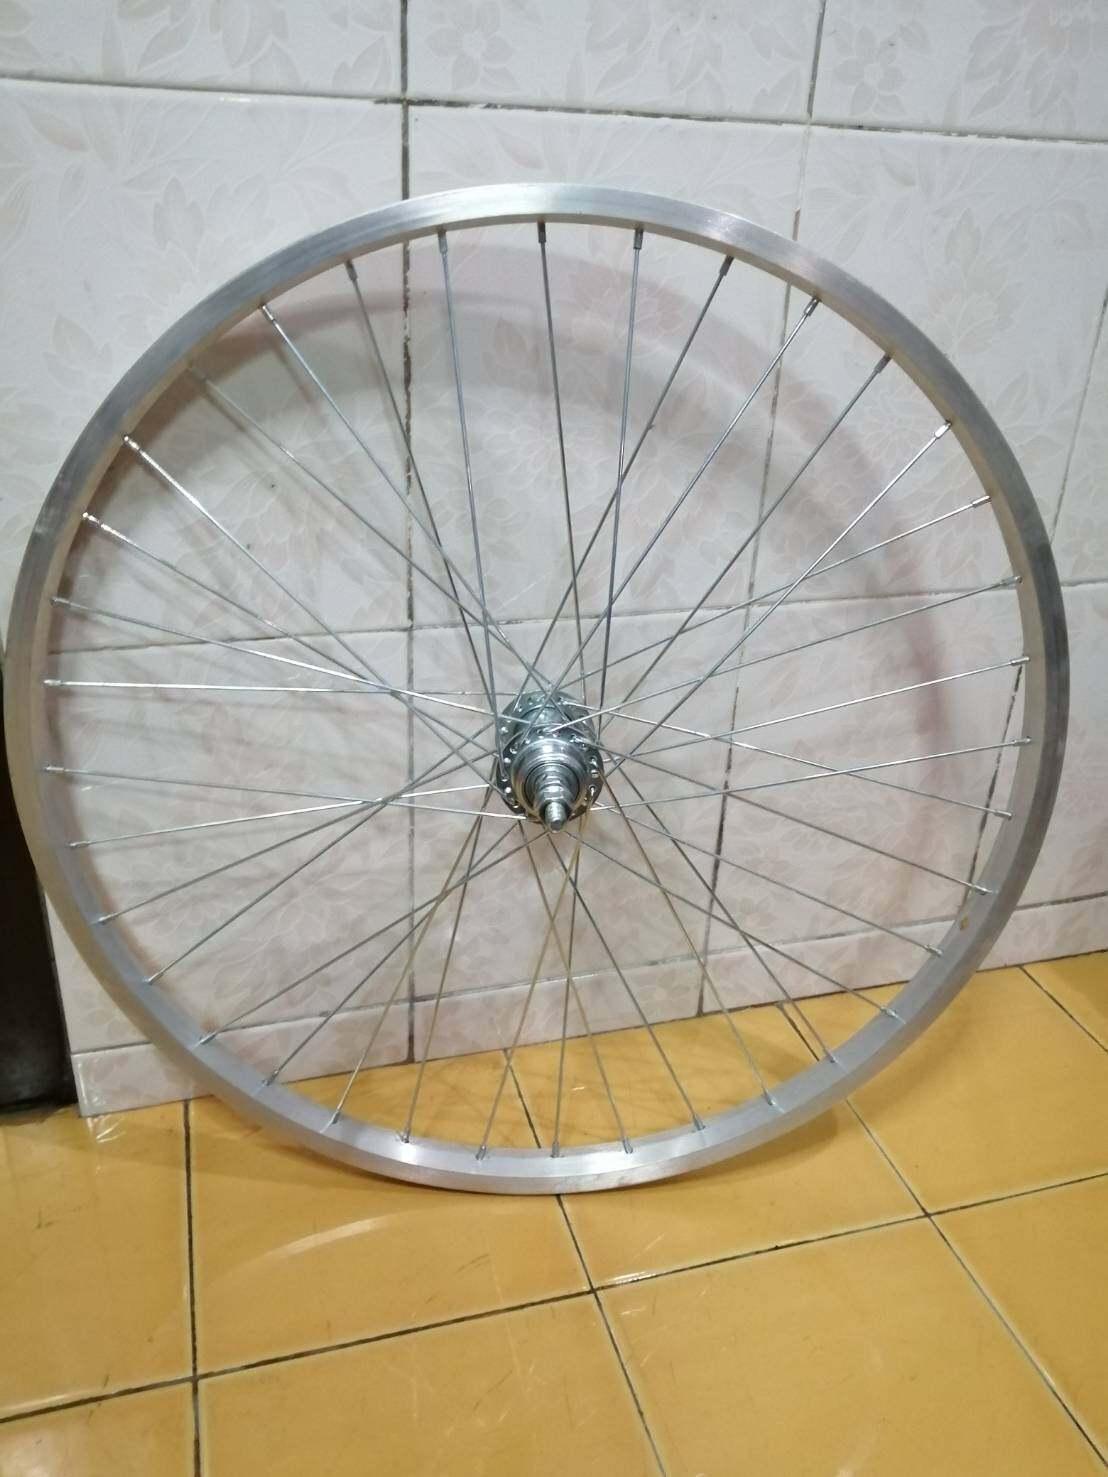 วงล้อหลังจักรยาน ขนาดวงล้อ 24นิ้ว ขอบล้อมีเนียม ดุมเหล็กชุบ ขึ้นเสร็จพร้อมใช้งาน.